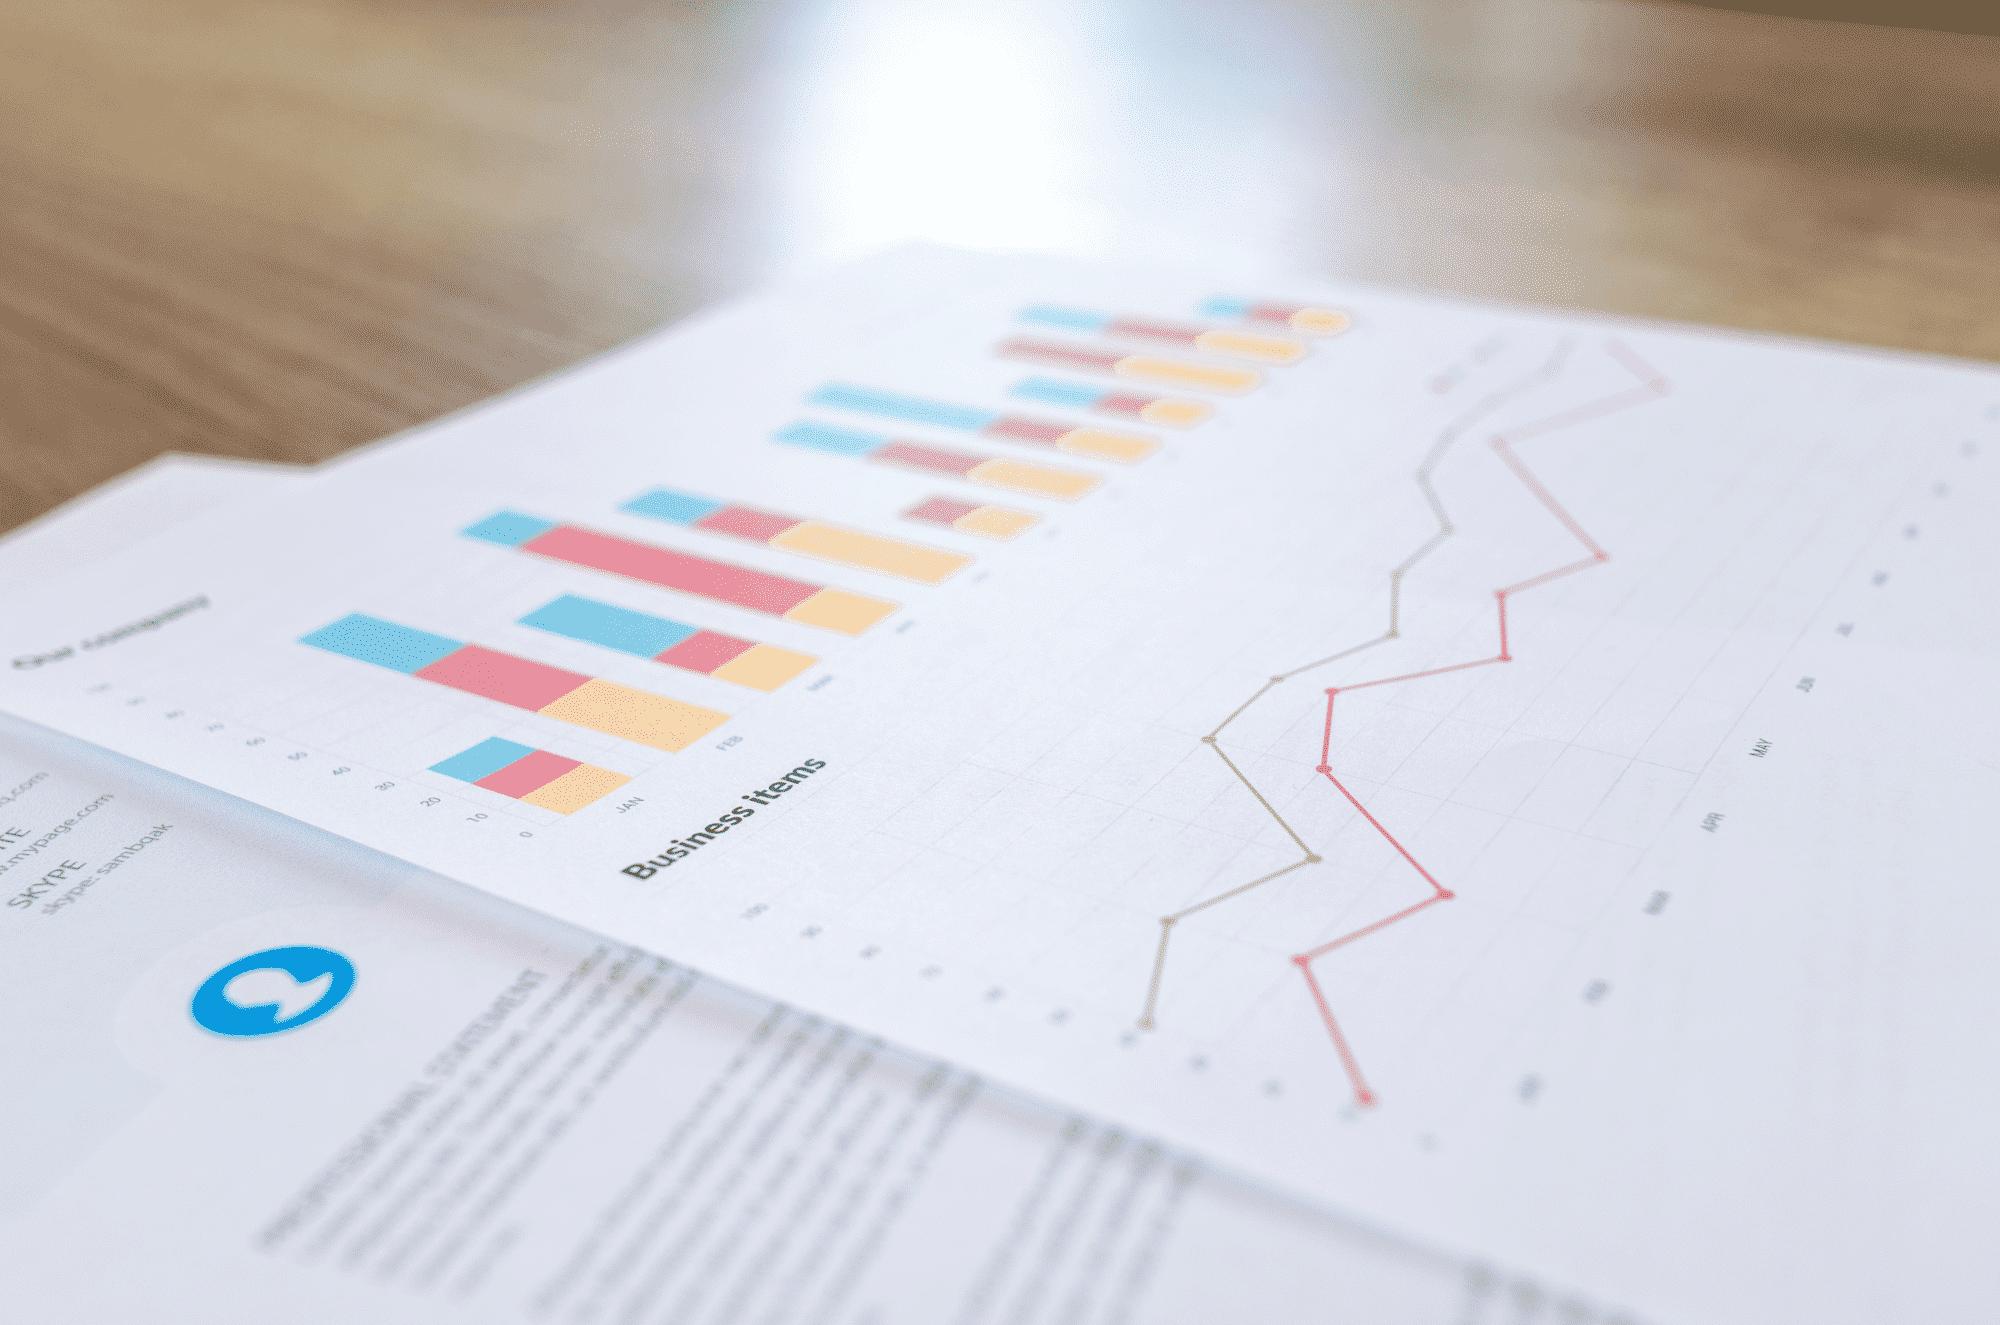 Financiële indicatoren | De 4 voor- en nadelen van financiën